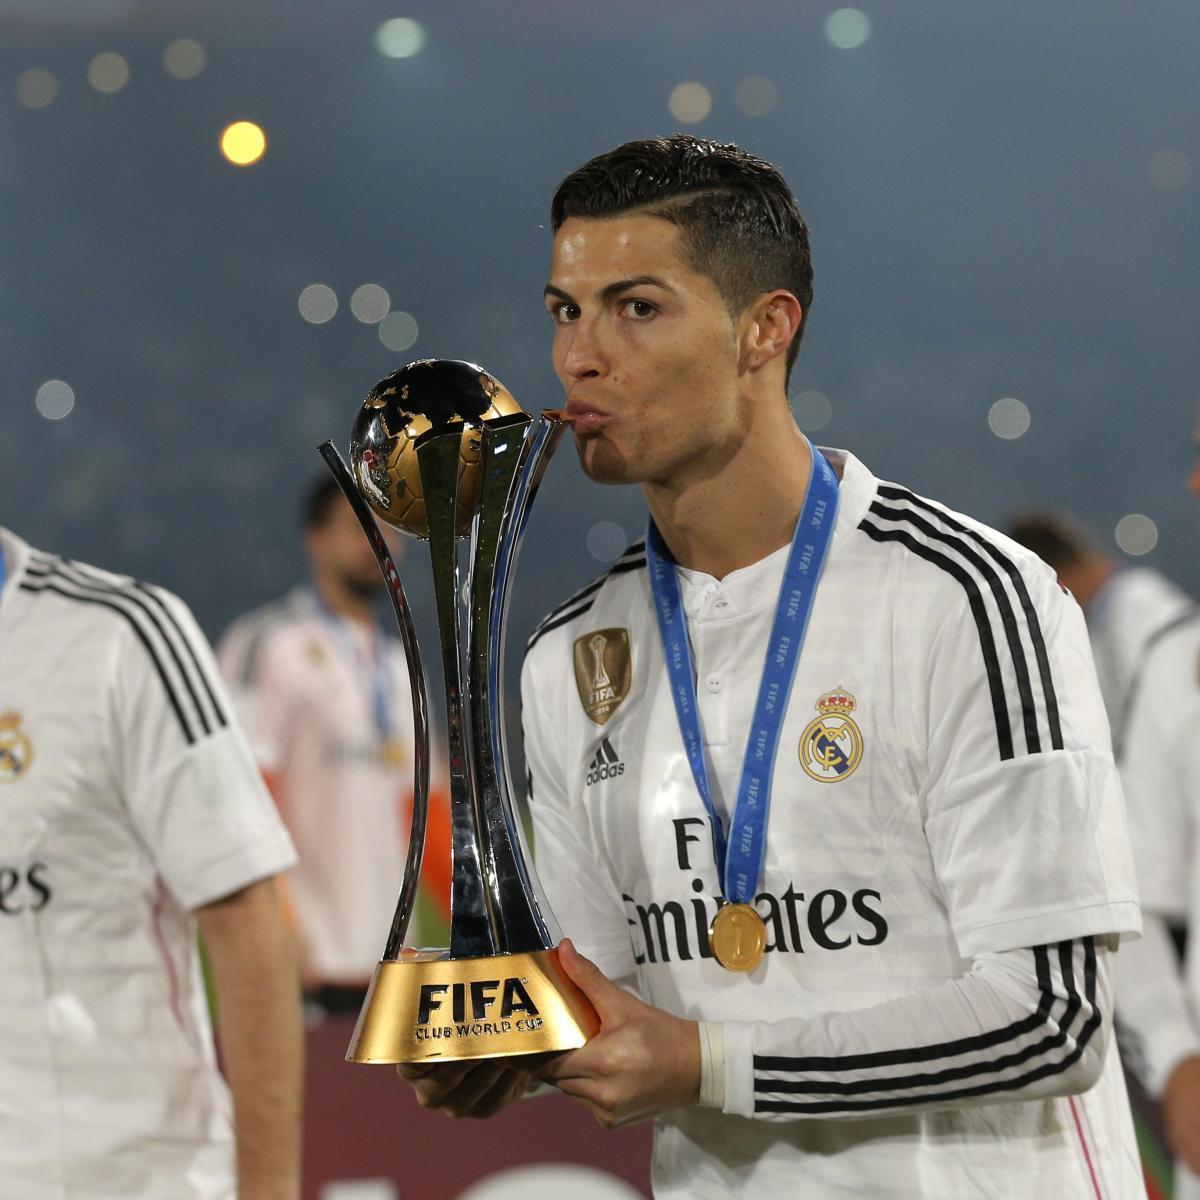 Cristiano Ronaldo S 4 Goals Lead Real Madrid To Win Vs: Cristiano Ronaldo's Incredible 2014 Campaign Must Lead To